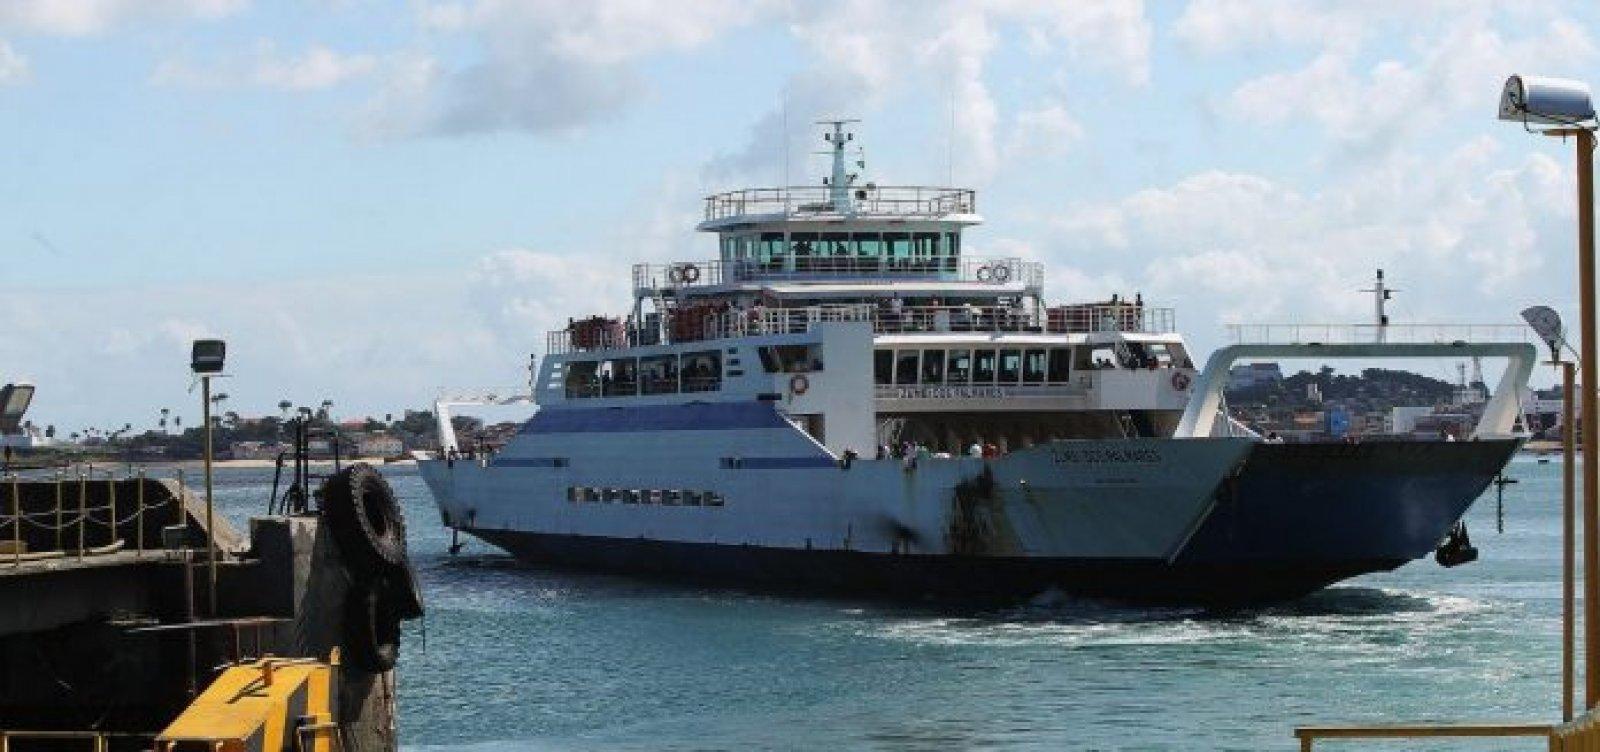 [Motoristas esperam até 2h para embarcar no ferry boat em Bom Despacho]